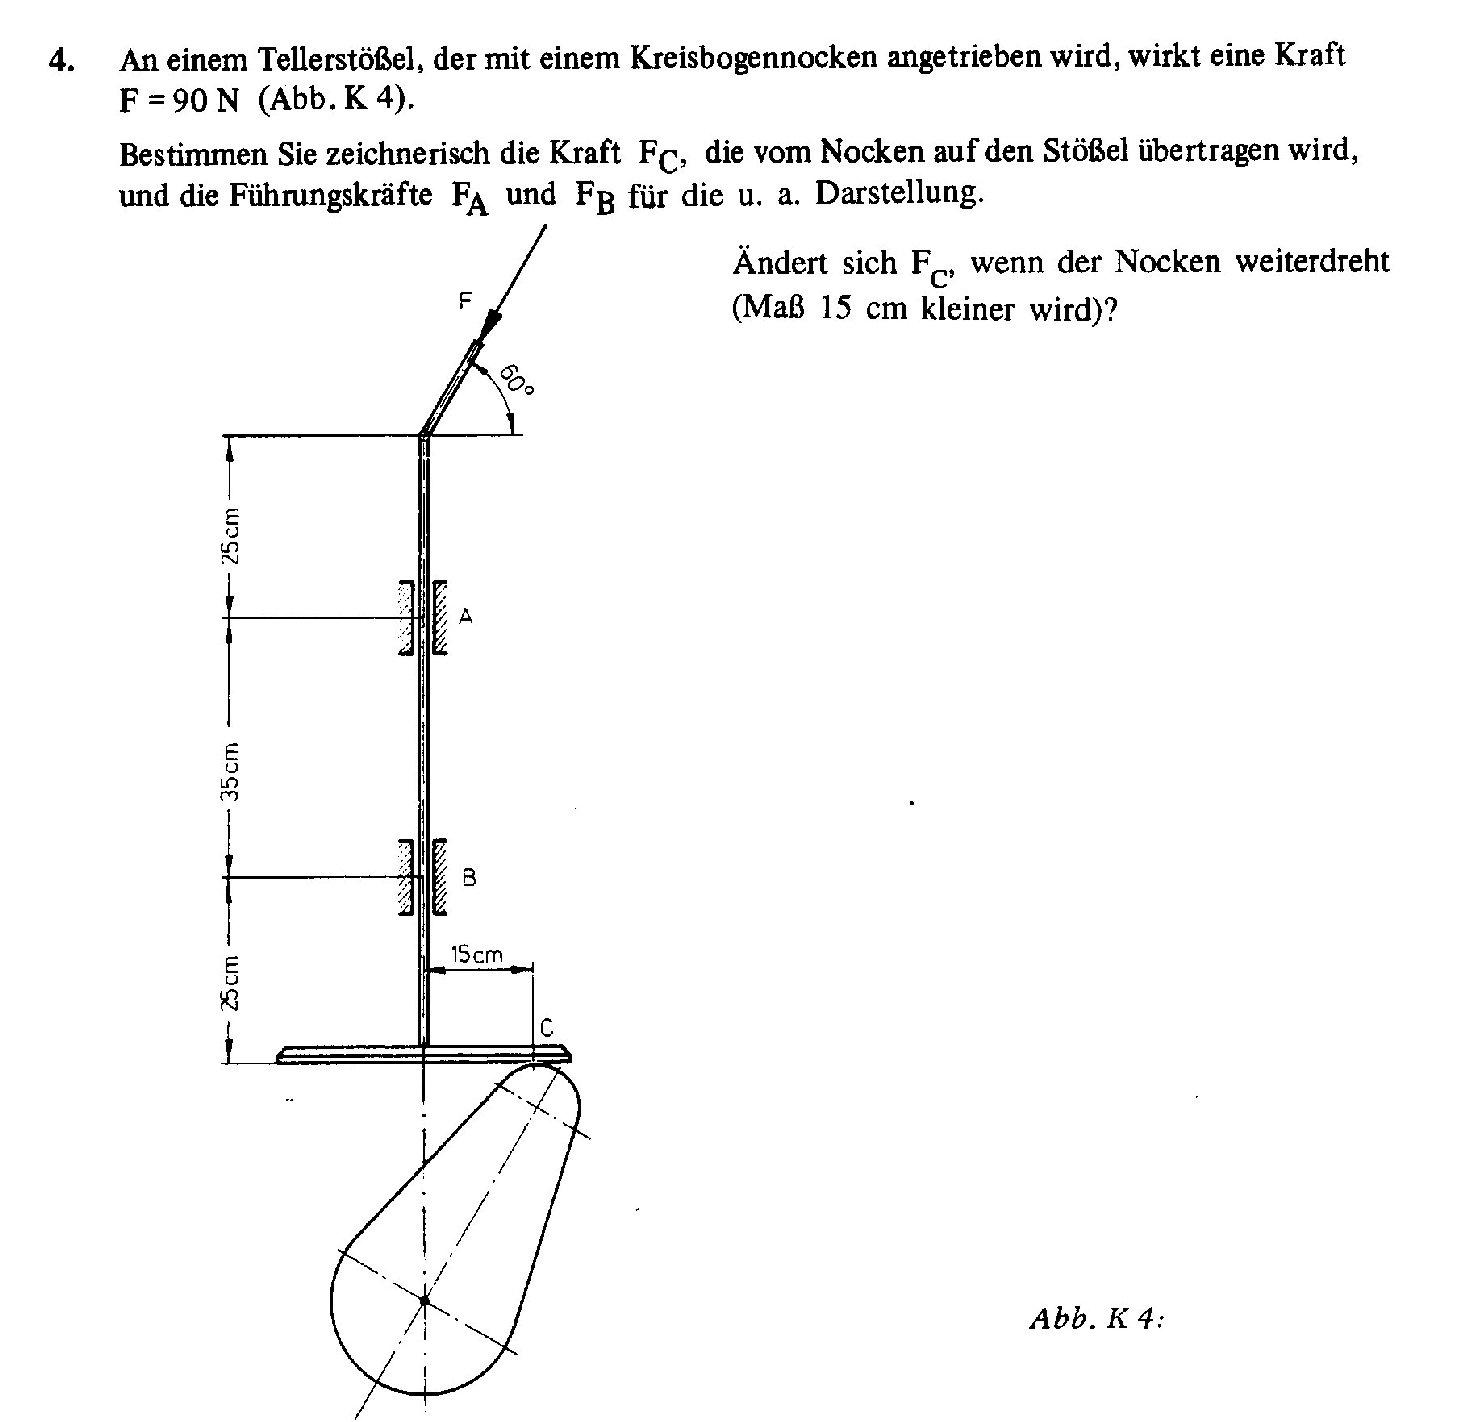 Zahlreich mathematik hausaufgabenhilfe technische for Gelenk technische mechanik